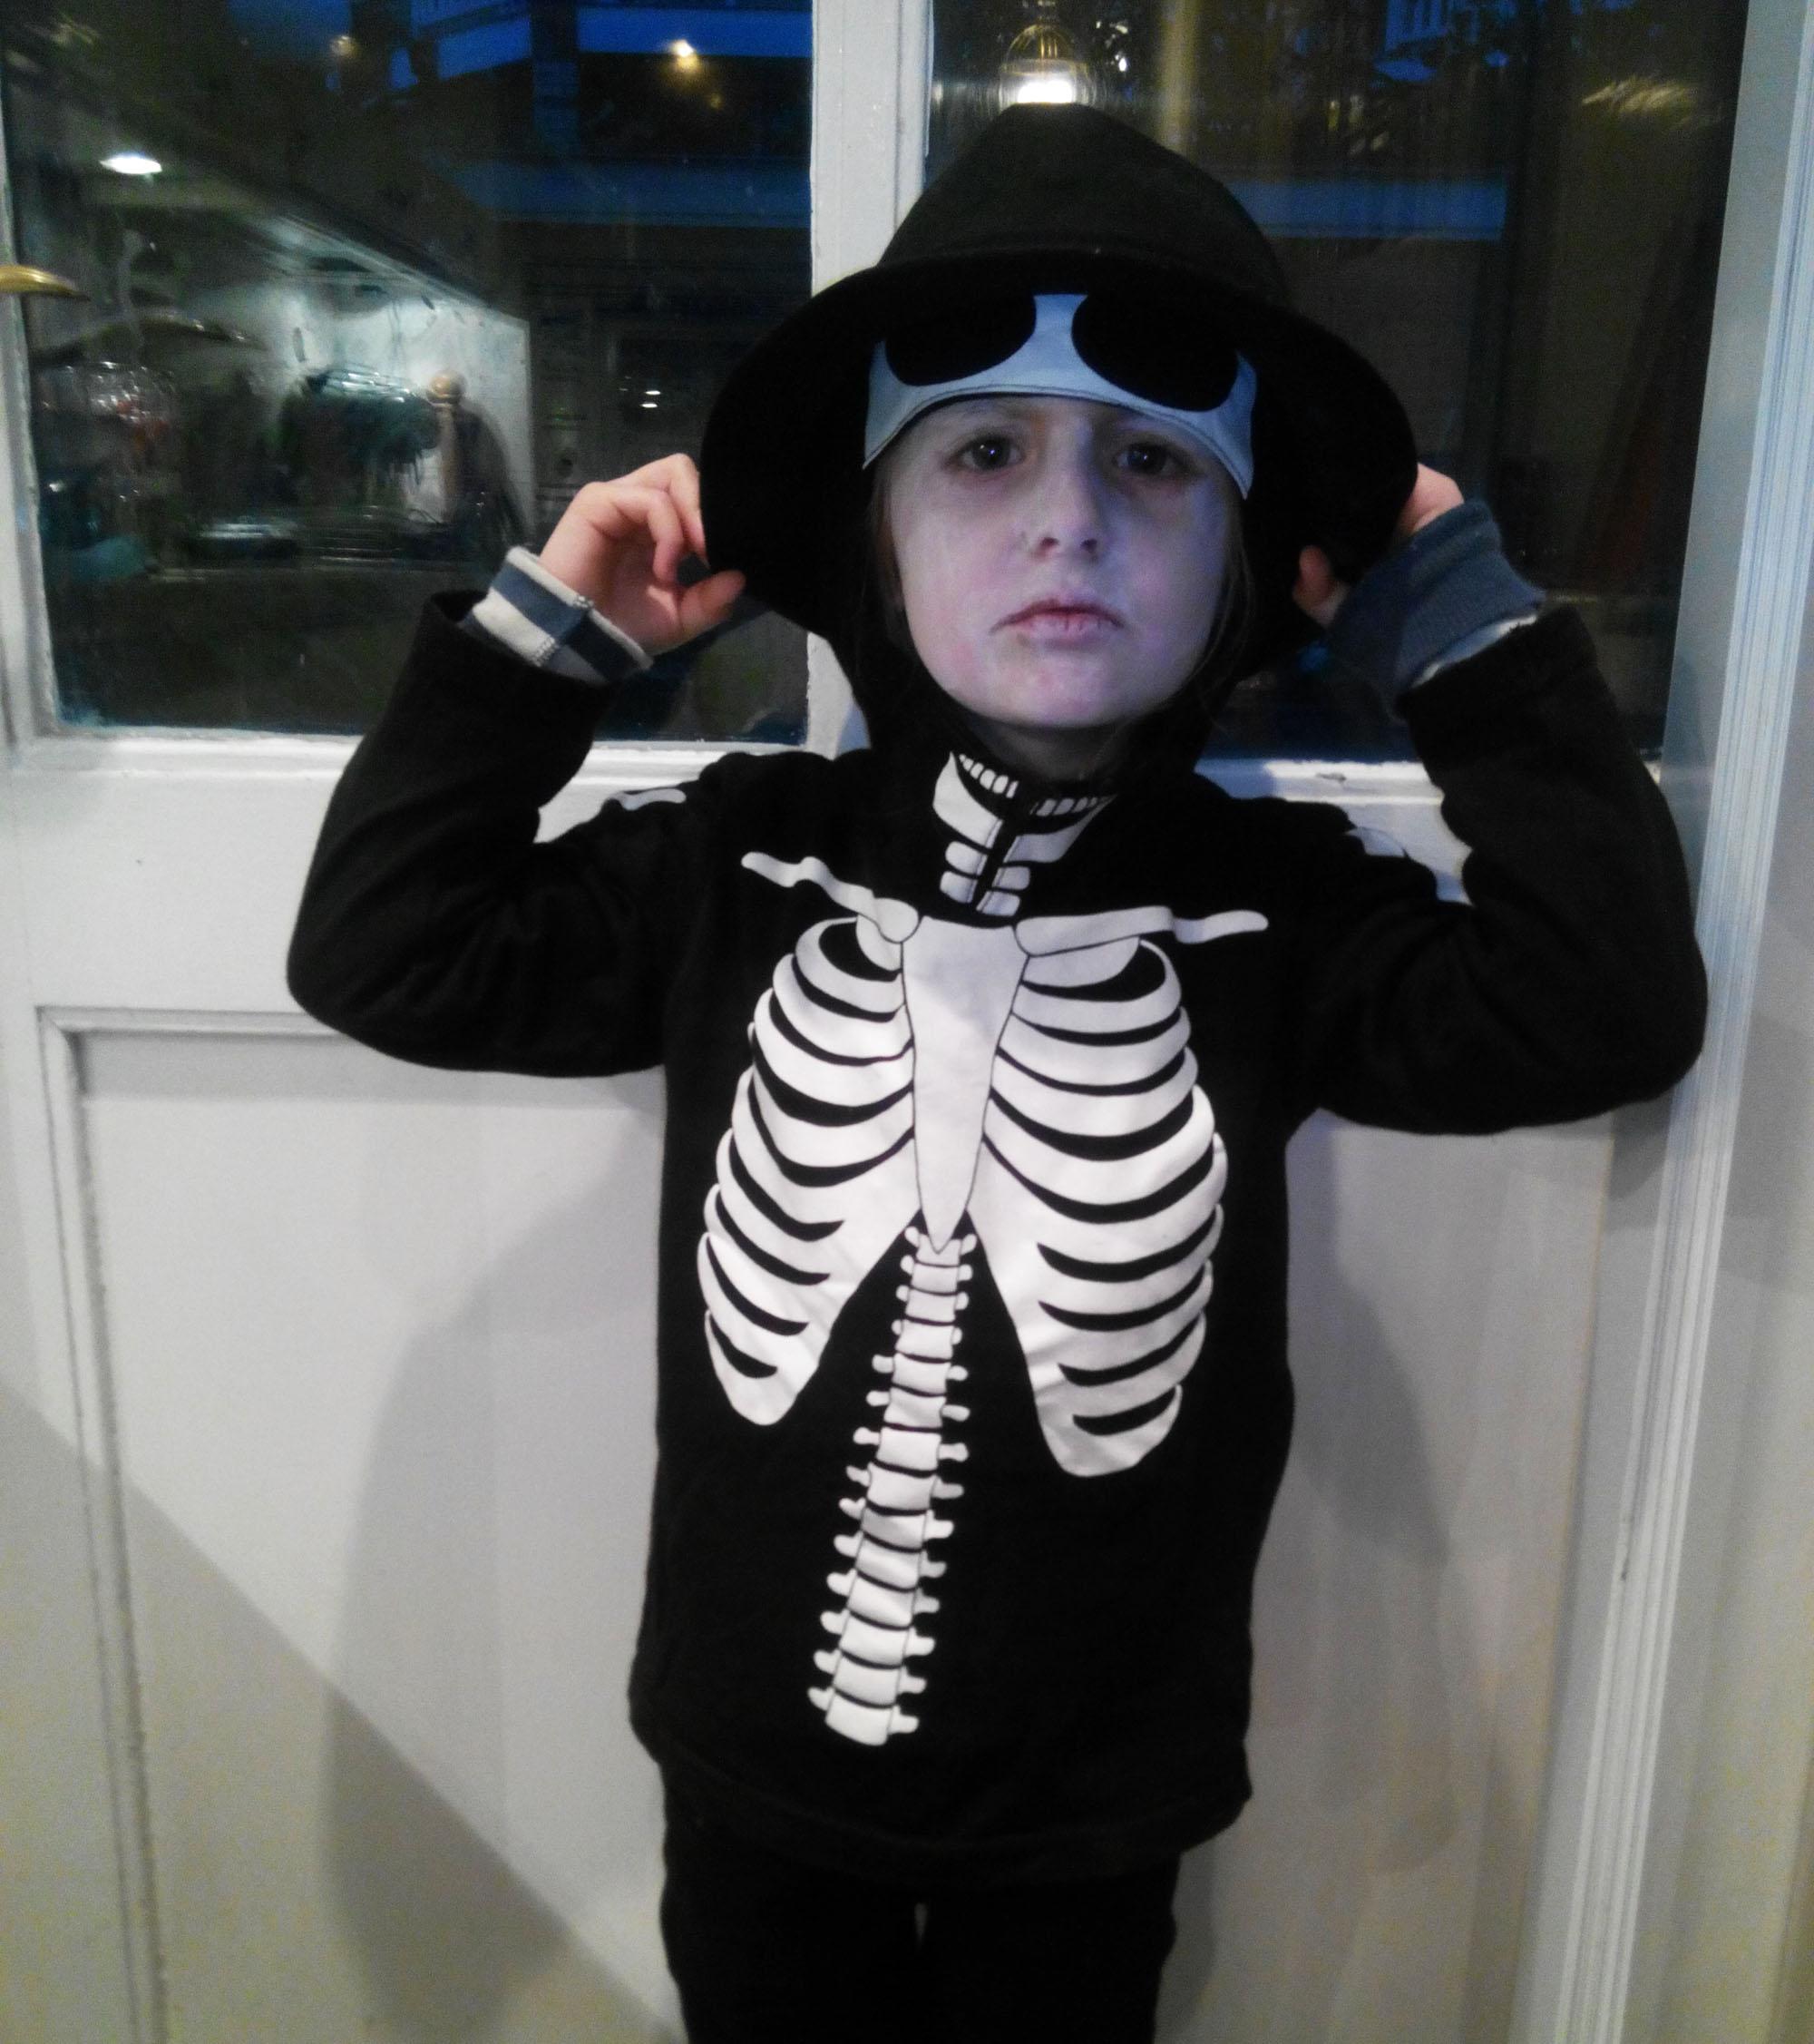 lolo verkleedt als vampier